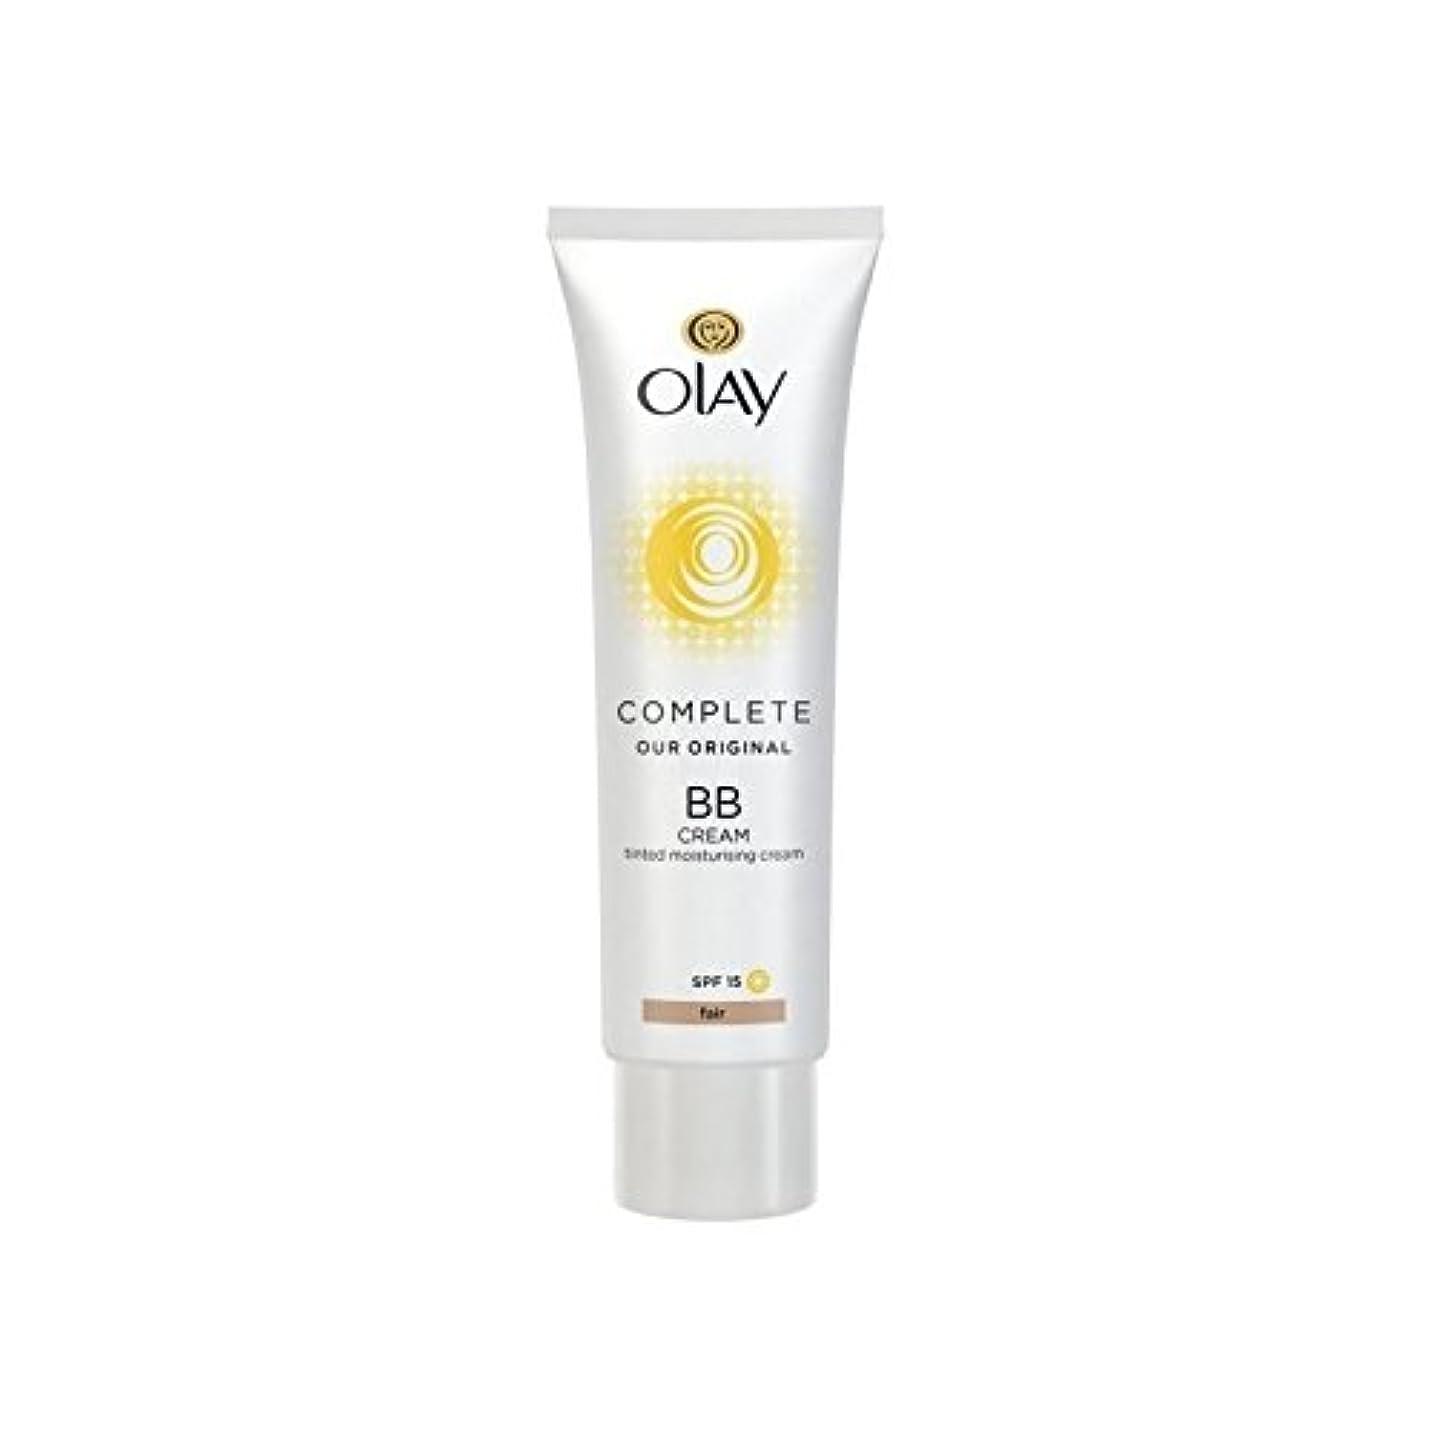 空の乗り出すよく話されるオーレイ完全なクリーム15フェアの50ミリリットル x2 - Olay Complete BB Cream Fair SPF15 50ml (Pack of 2) [並行輸入品]